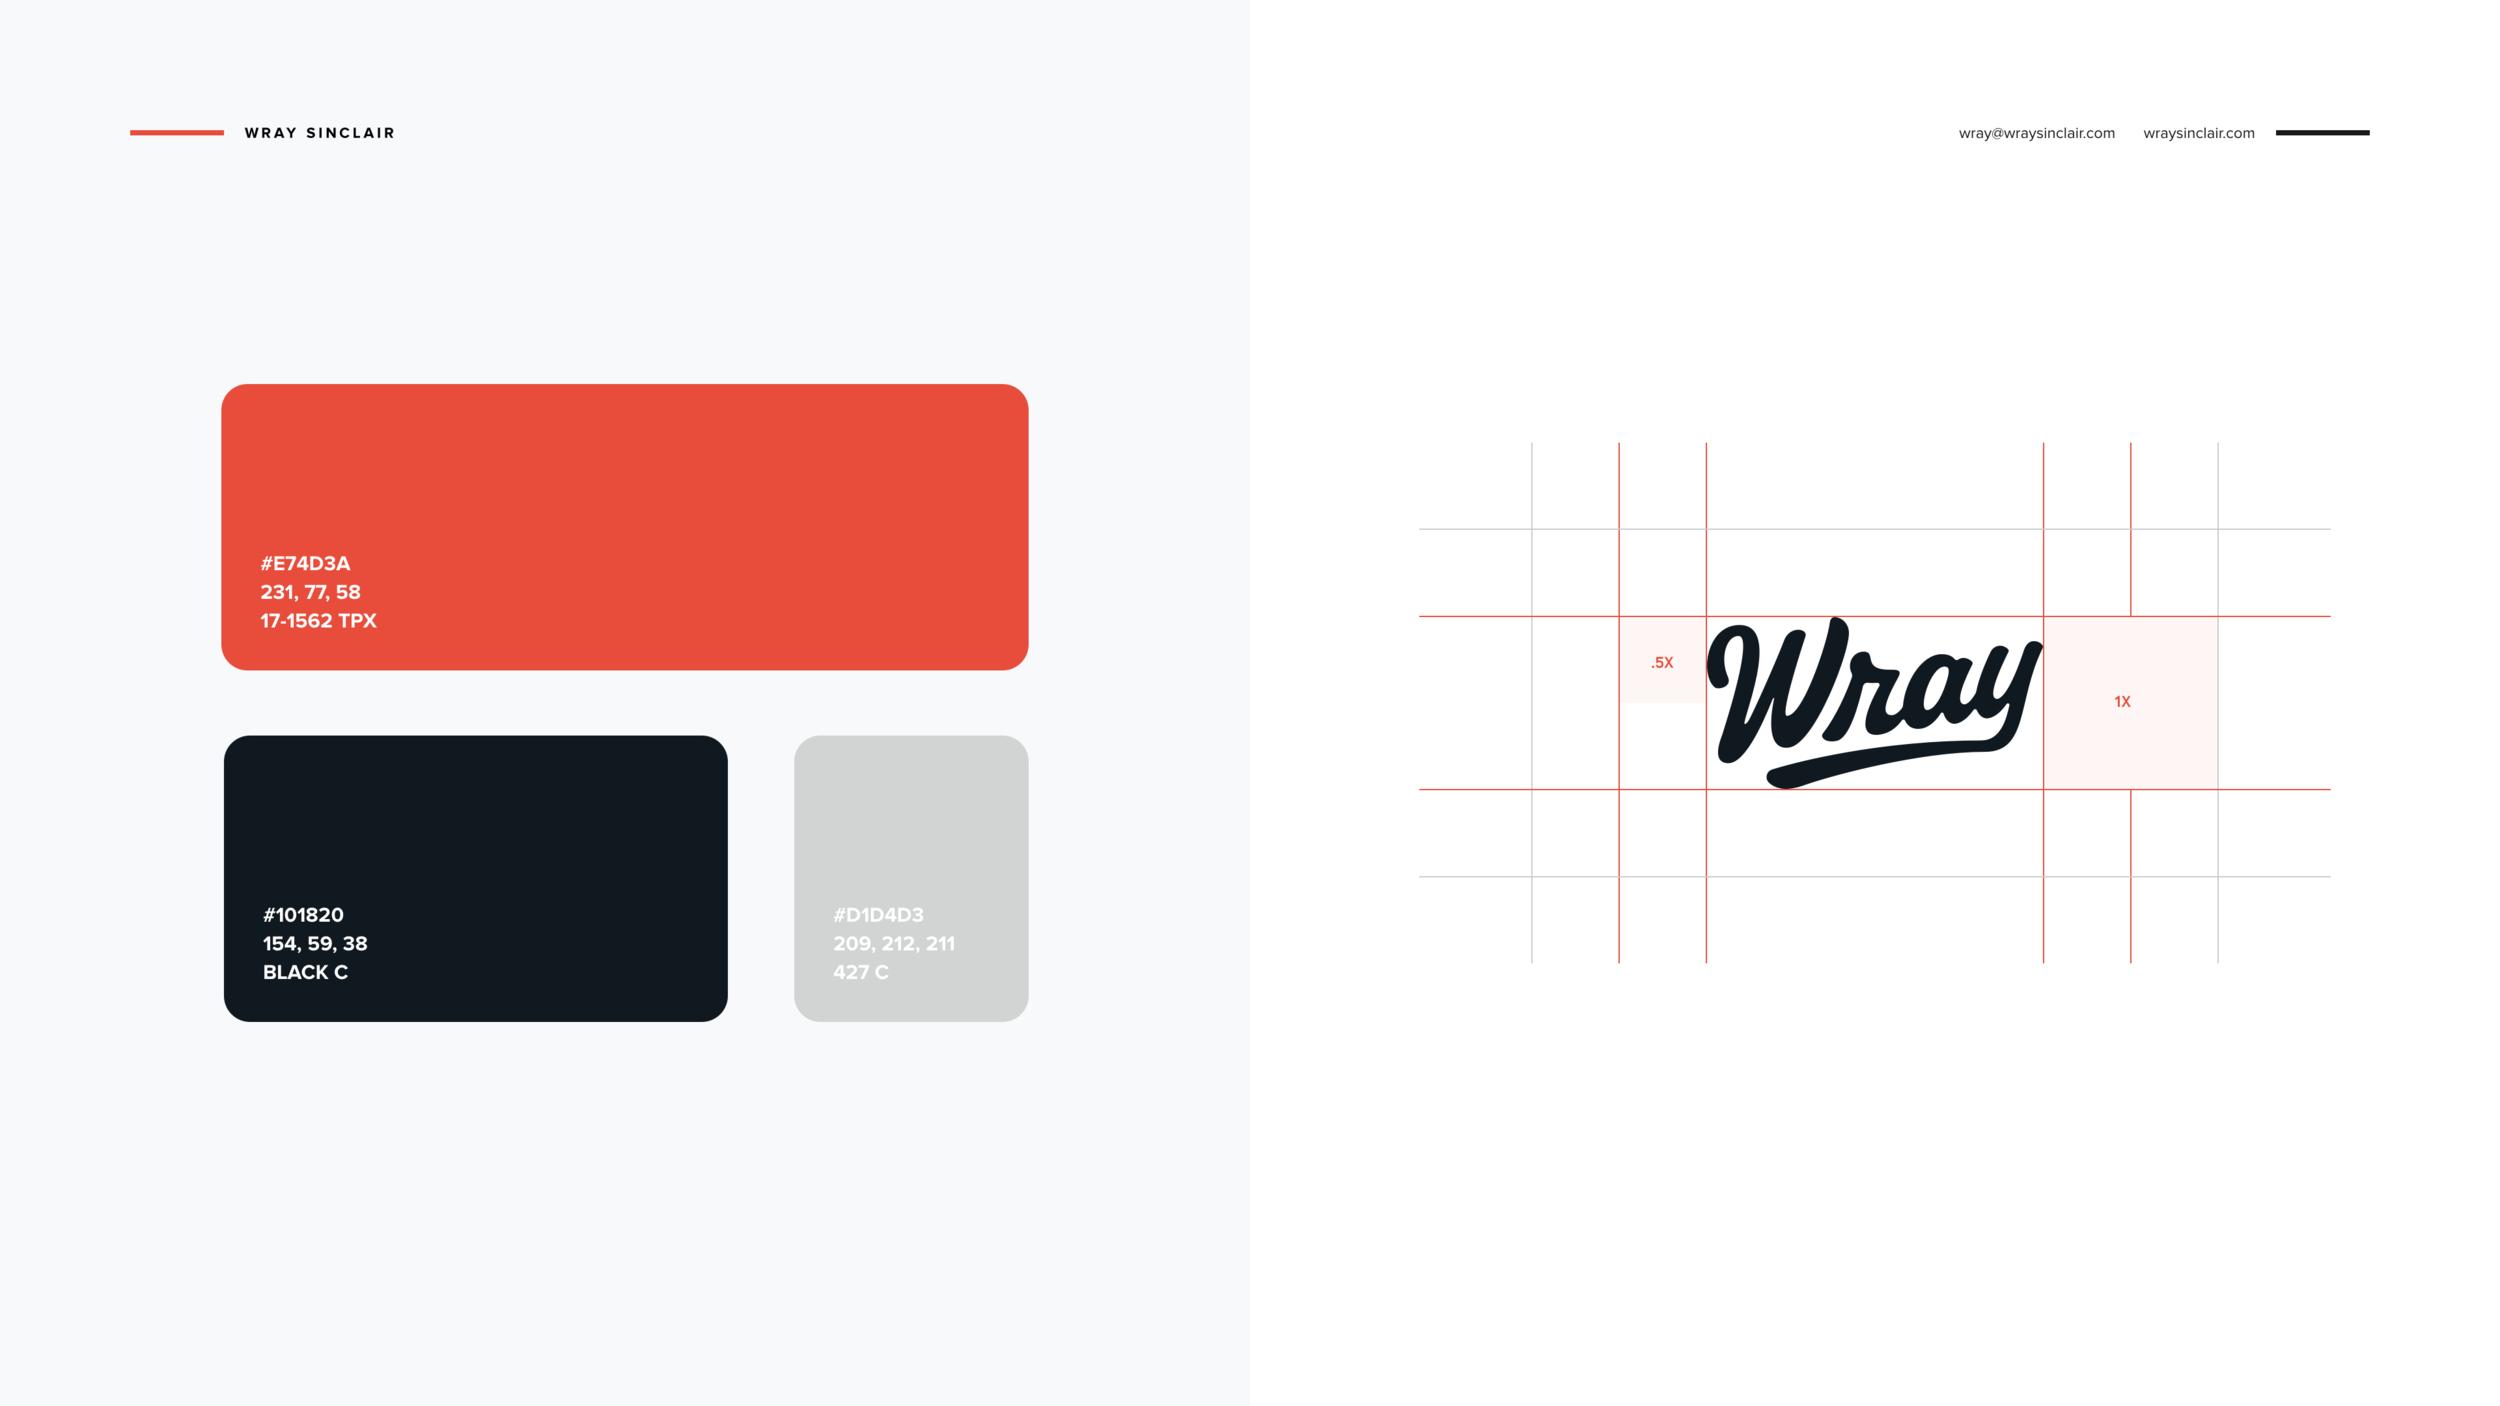 Design By Diamond - Wray Sinclair - Branding - 5